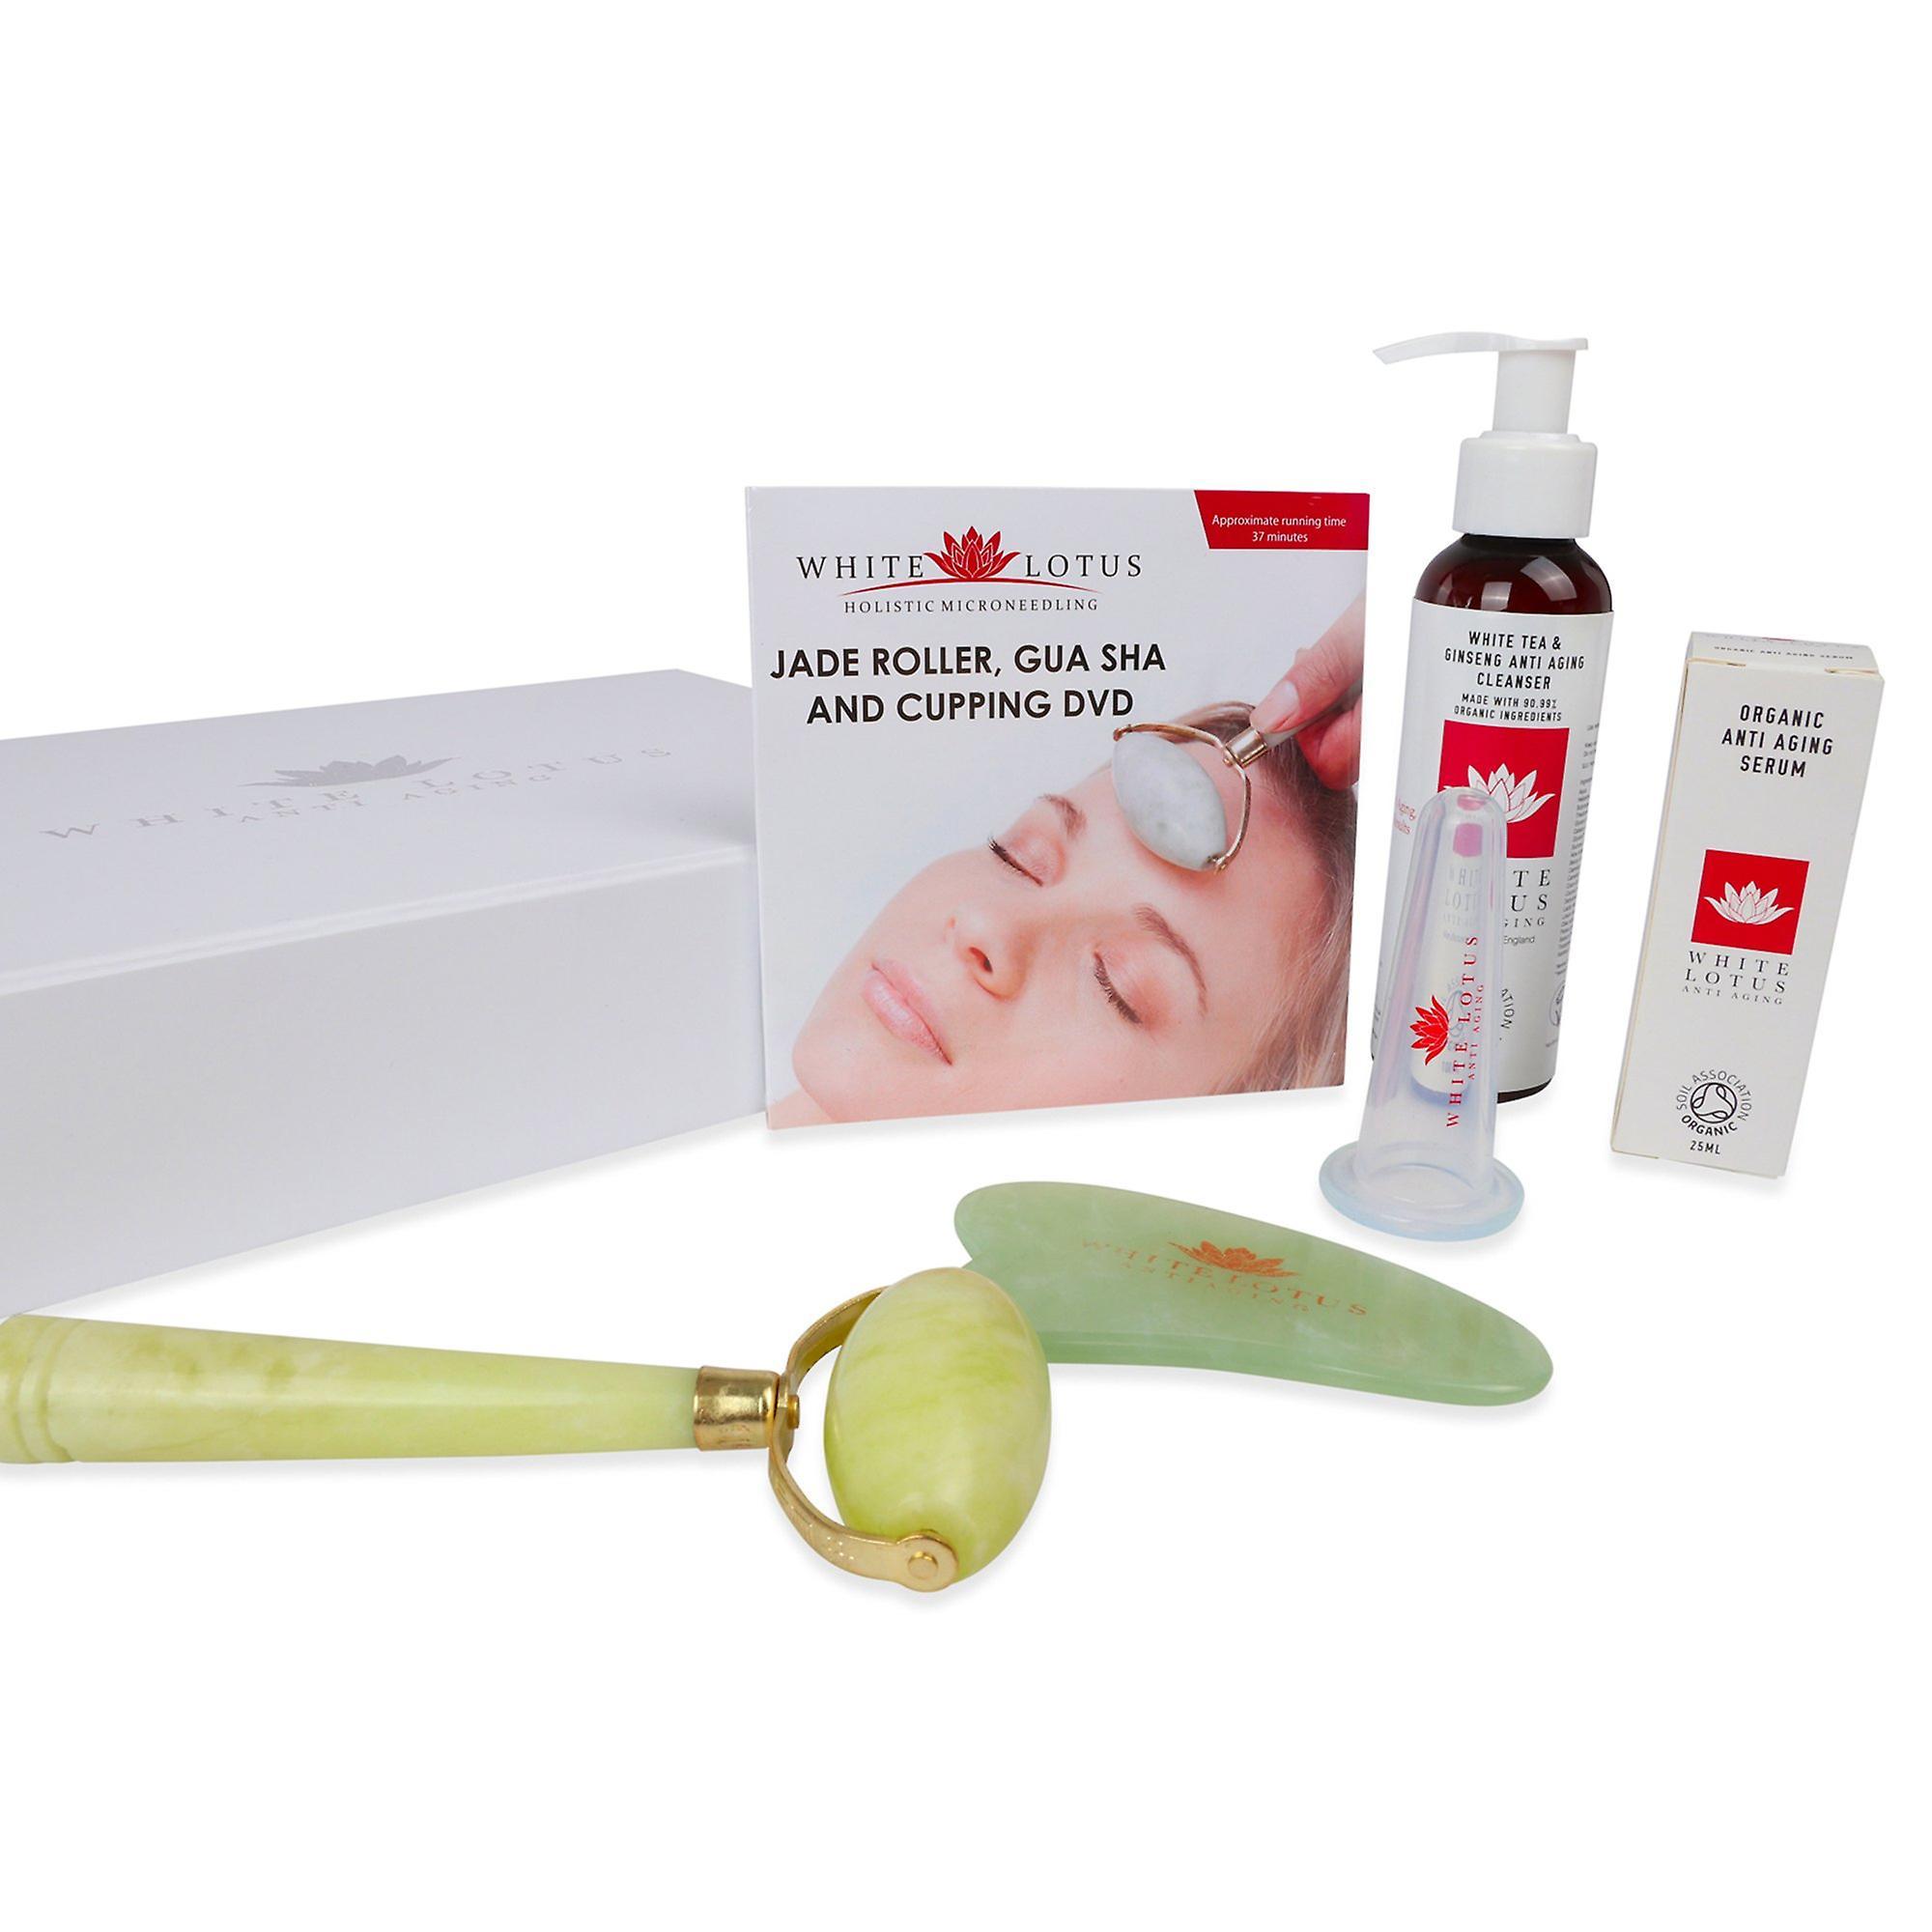 Jade roller, jade gua sha & facial cupping pack - facial anti aging